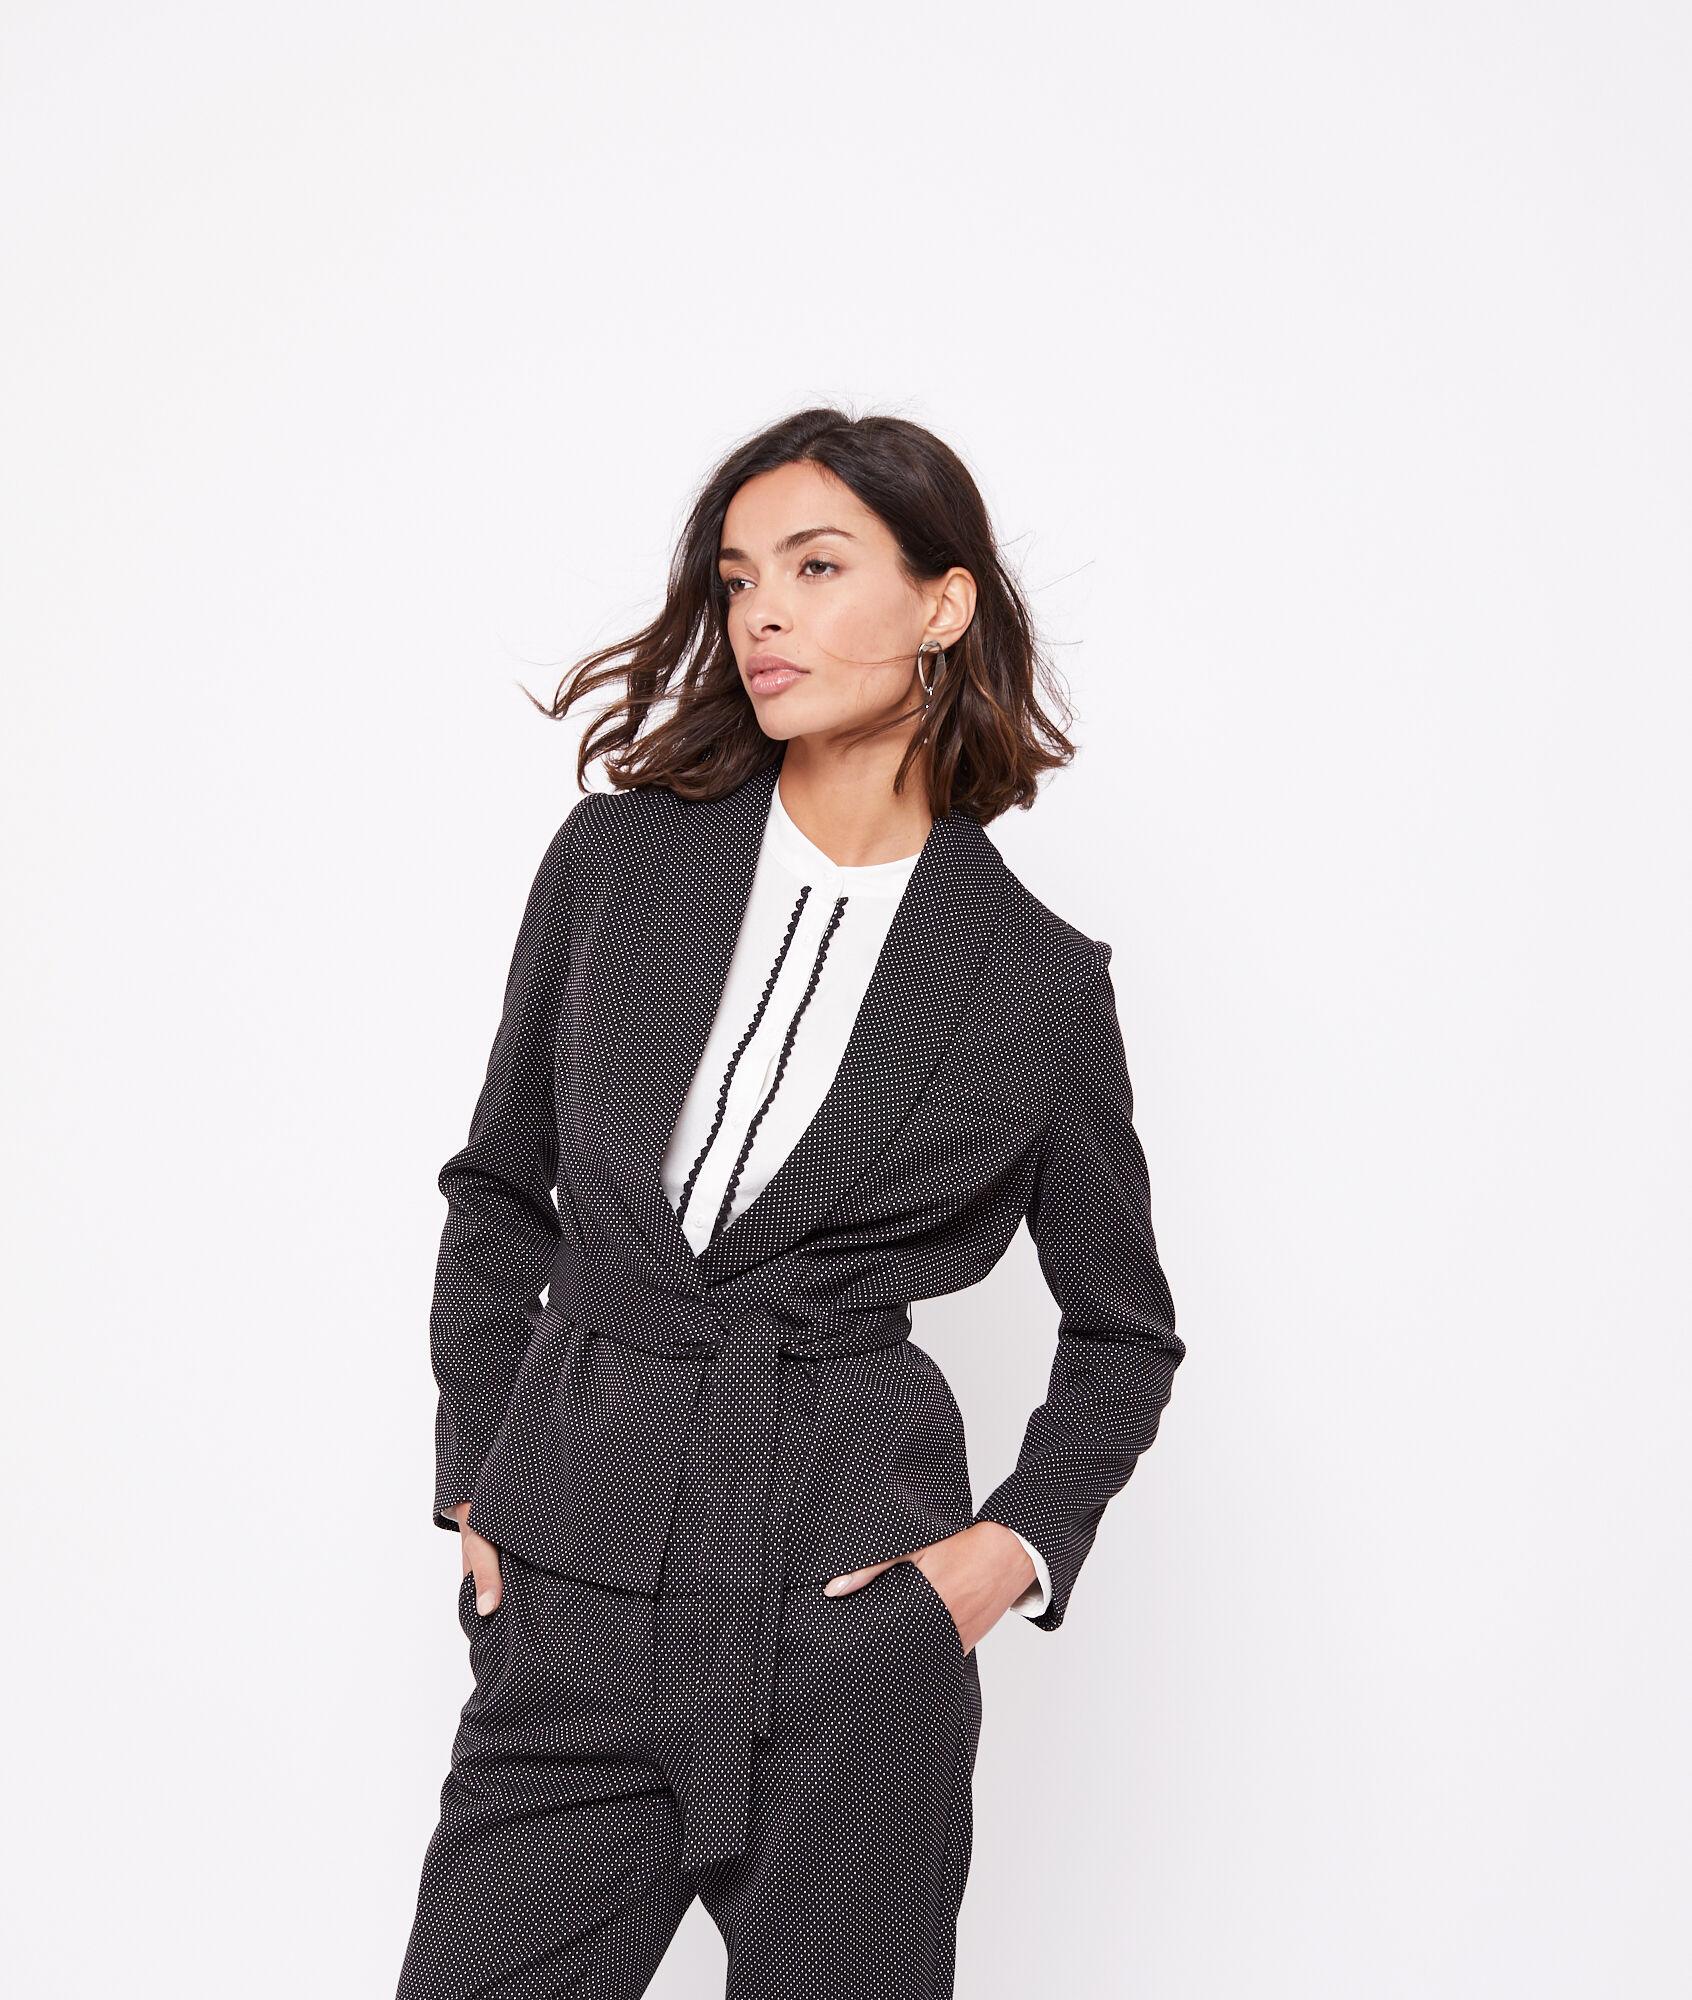 092d9902ba789 Abrigos Online Etam De Mujer Moda qOFxwXOr